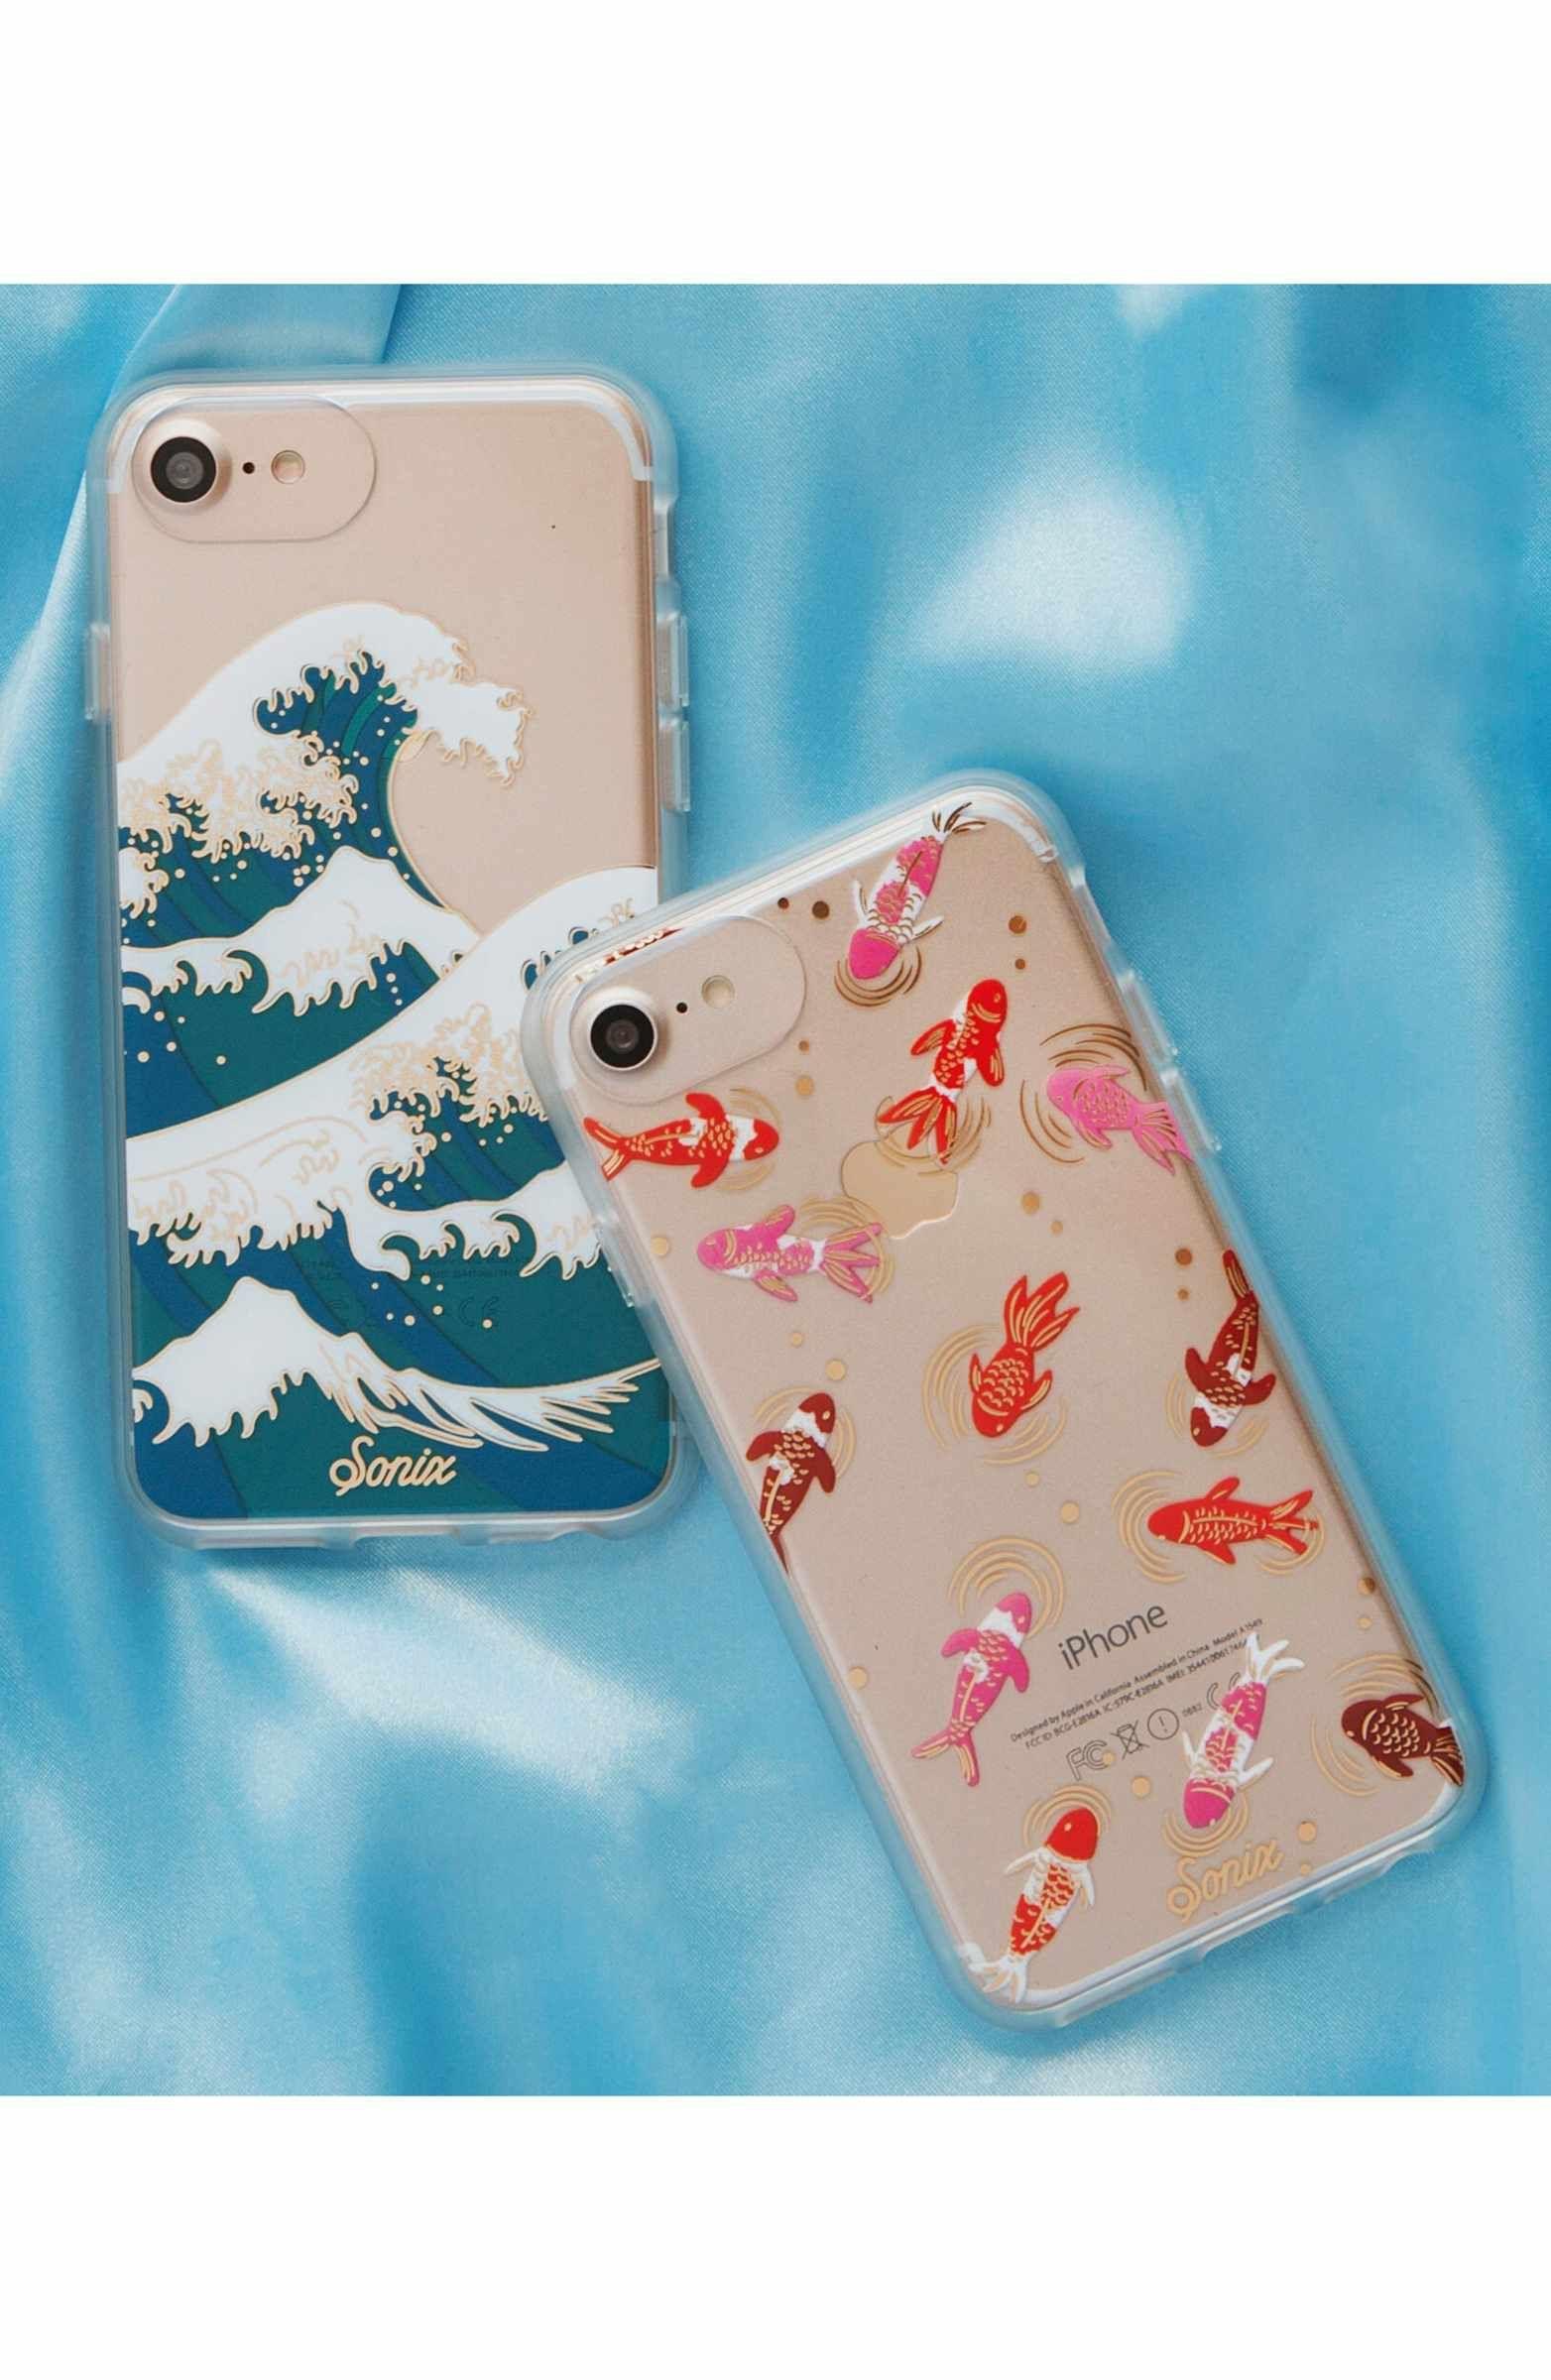 a459b956e75 Main Image - Sonix Tokyo Wave iPhone 6/6s/7/8 & 6/6s/7/8 Plus Case ...